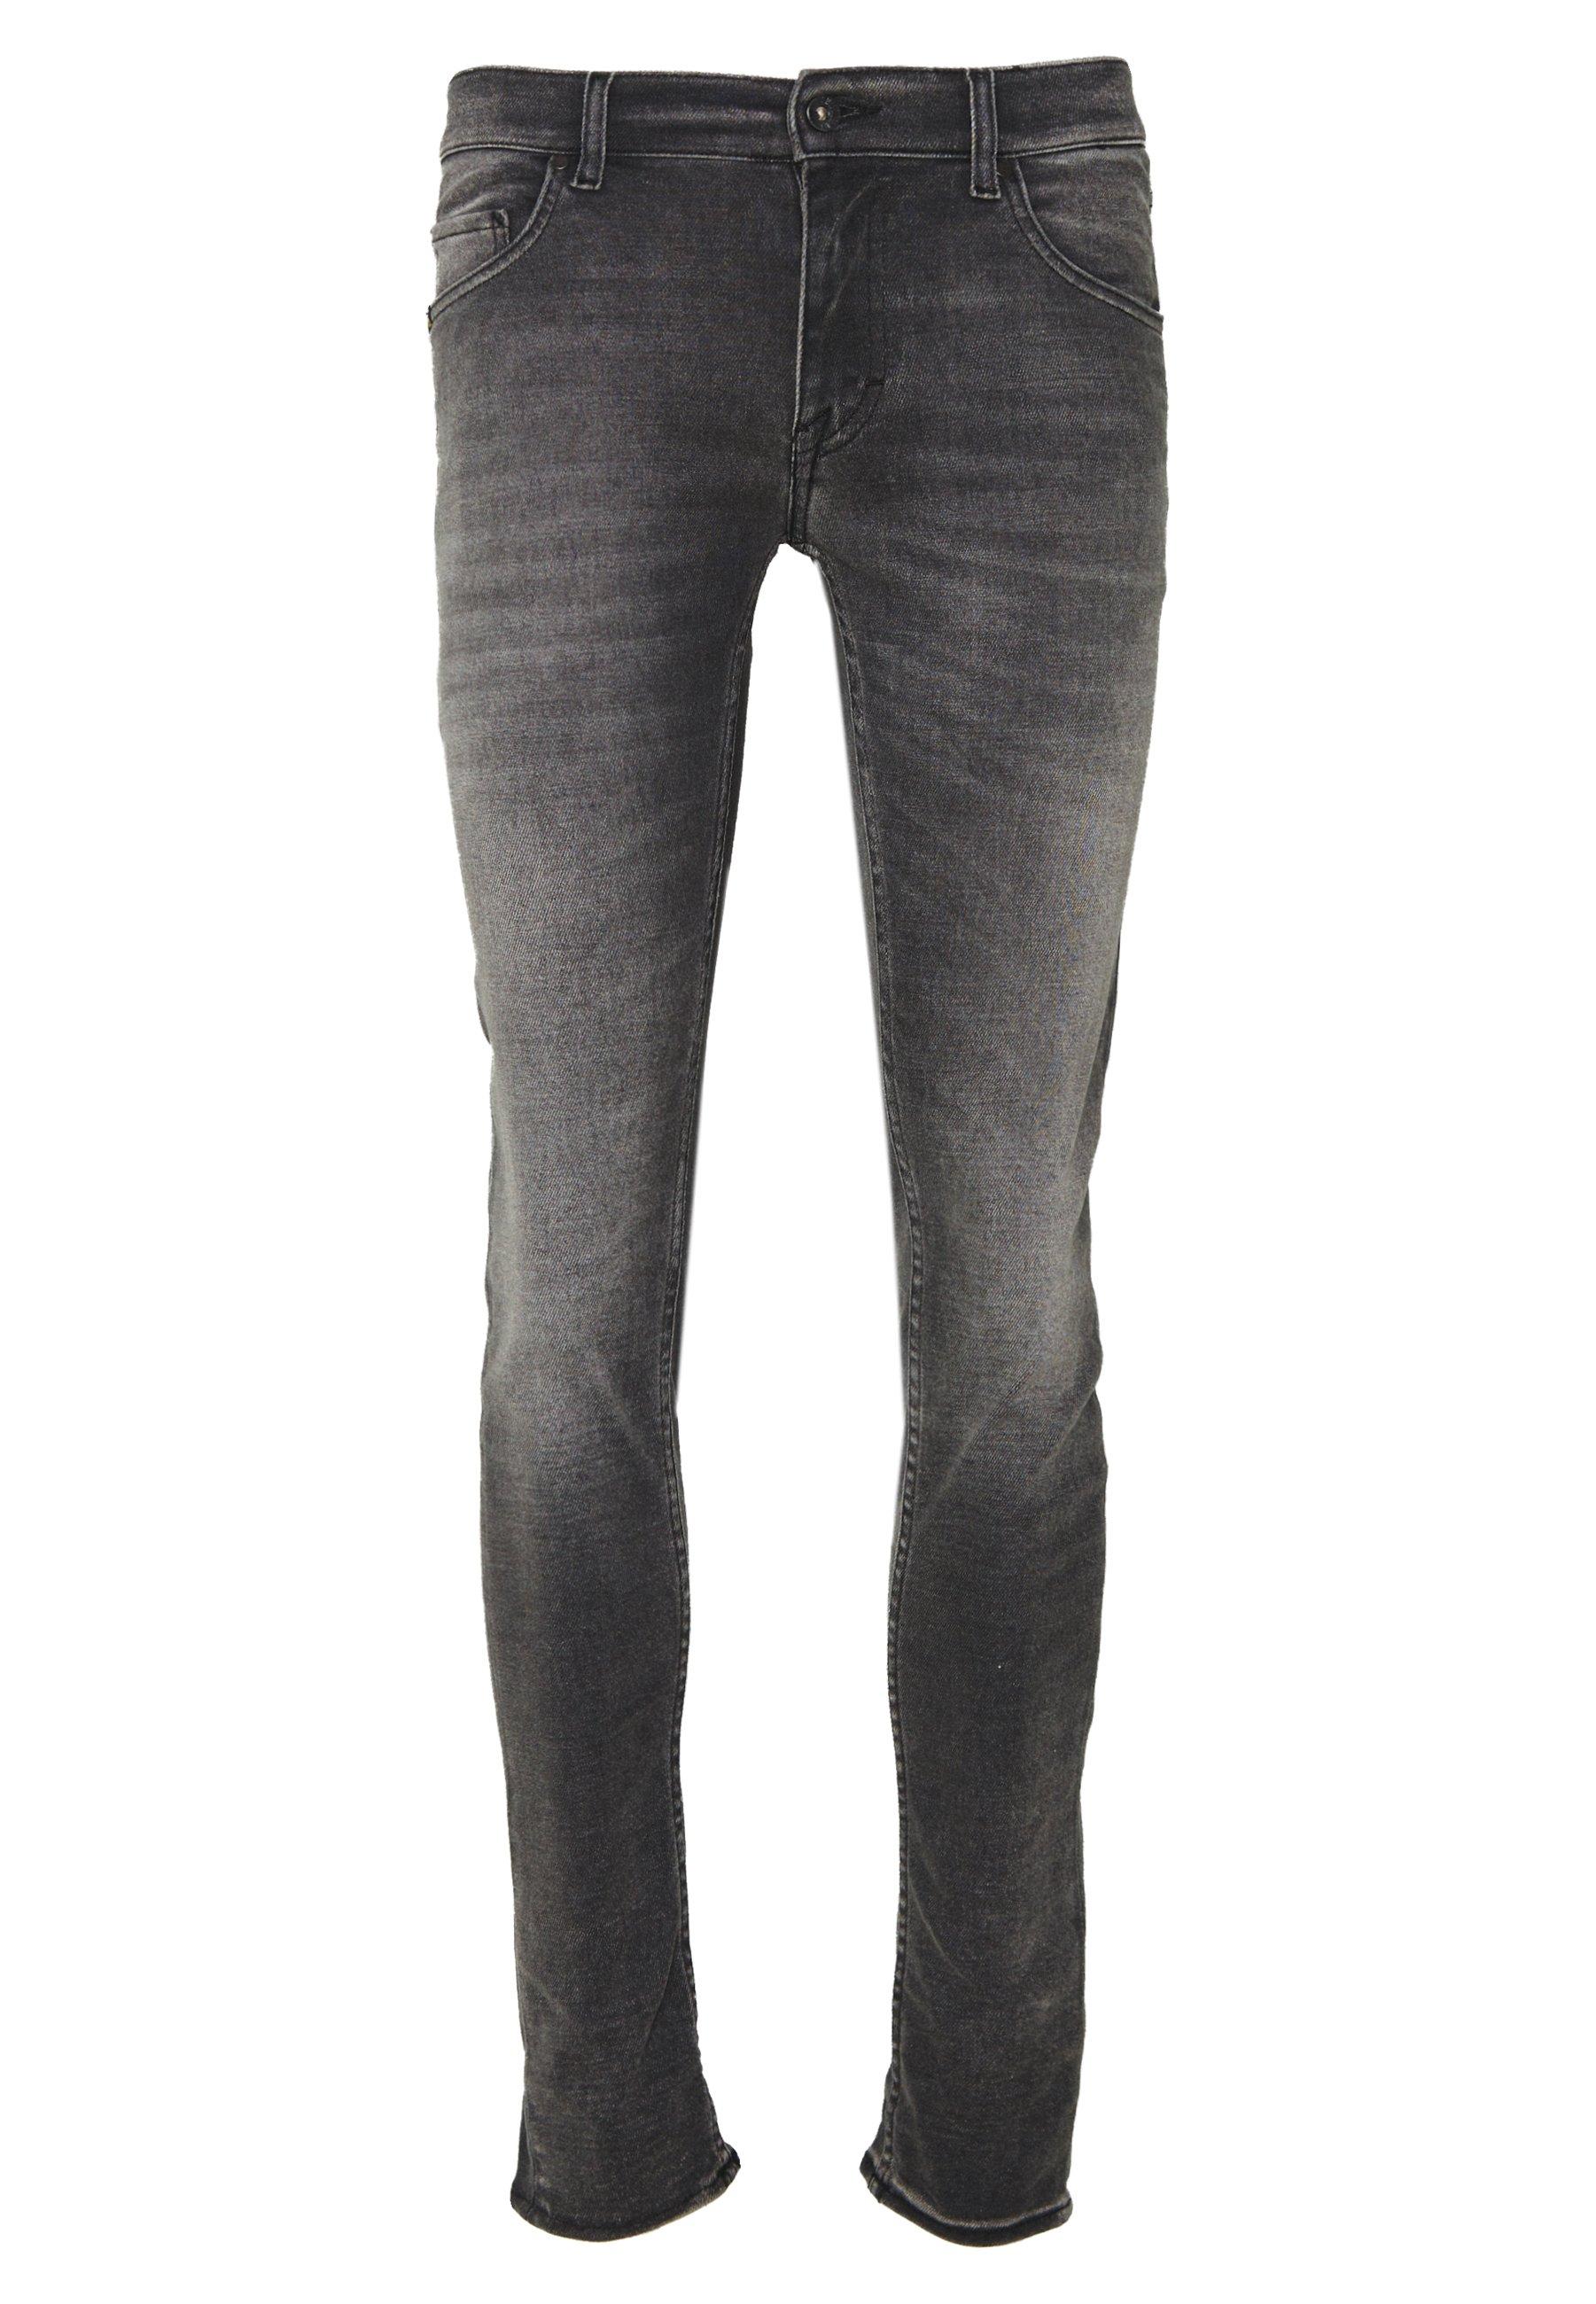 Tiger of Sweden Jeans Jeans slim fit - black